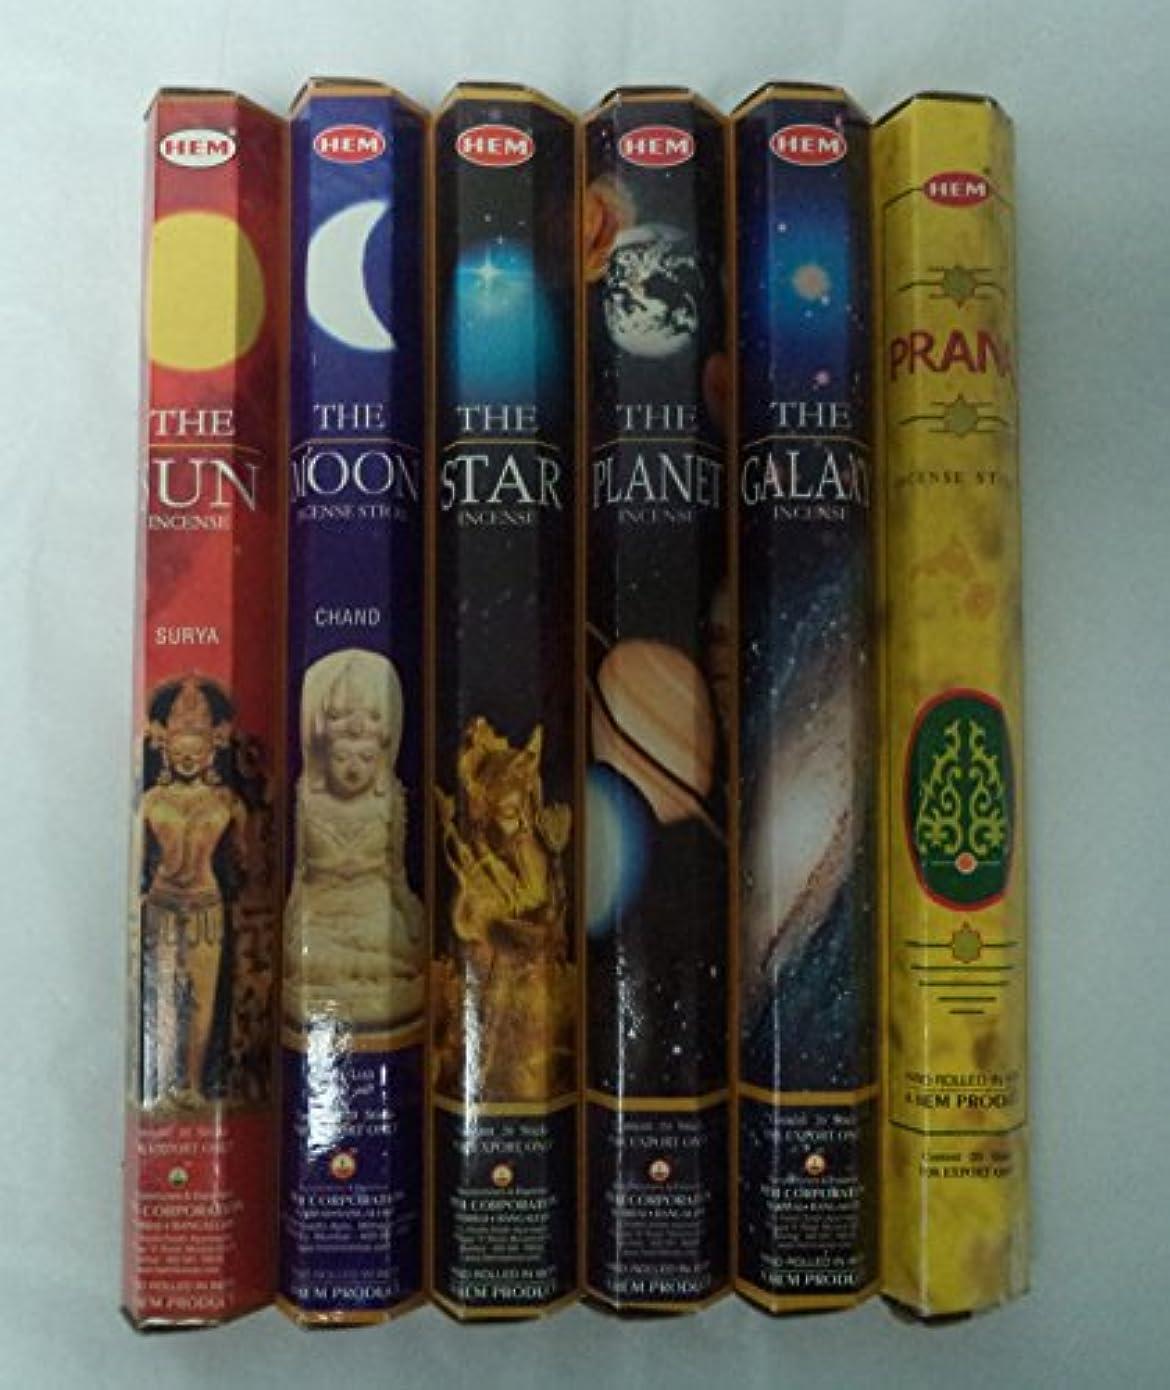 黙防ぐ勧告裾Universe Incenseセット: Sun Moon Star Planet Galaxy Prana 6 x 20 = 120 Sticks